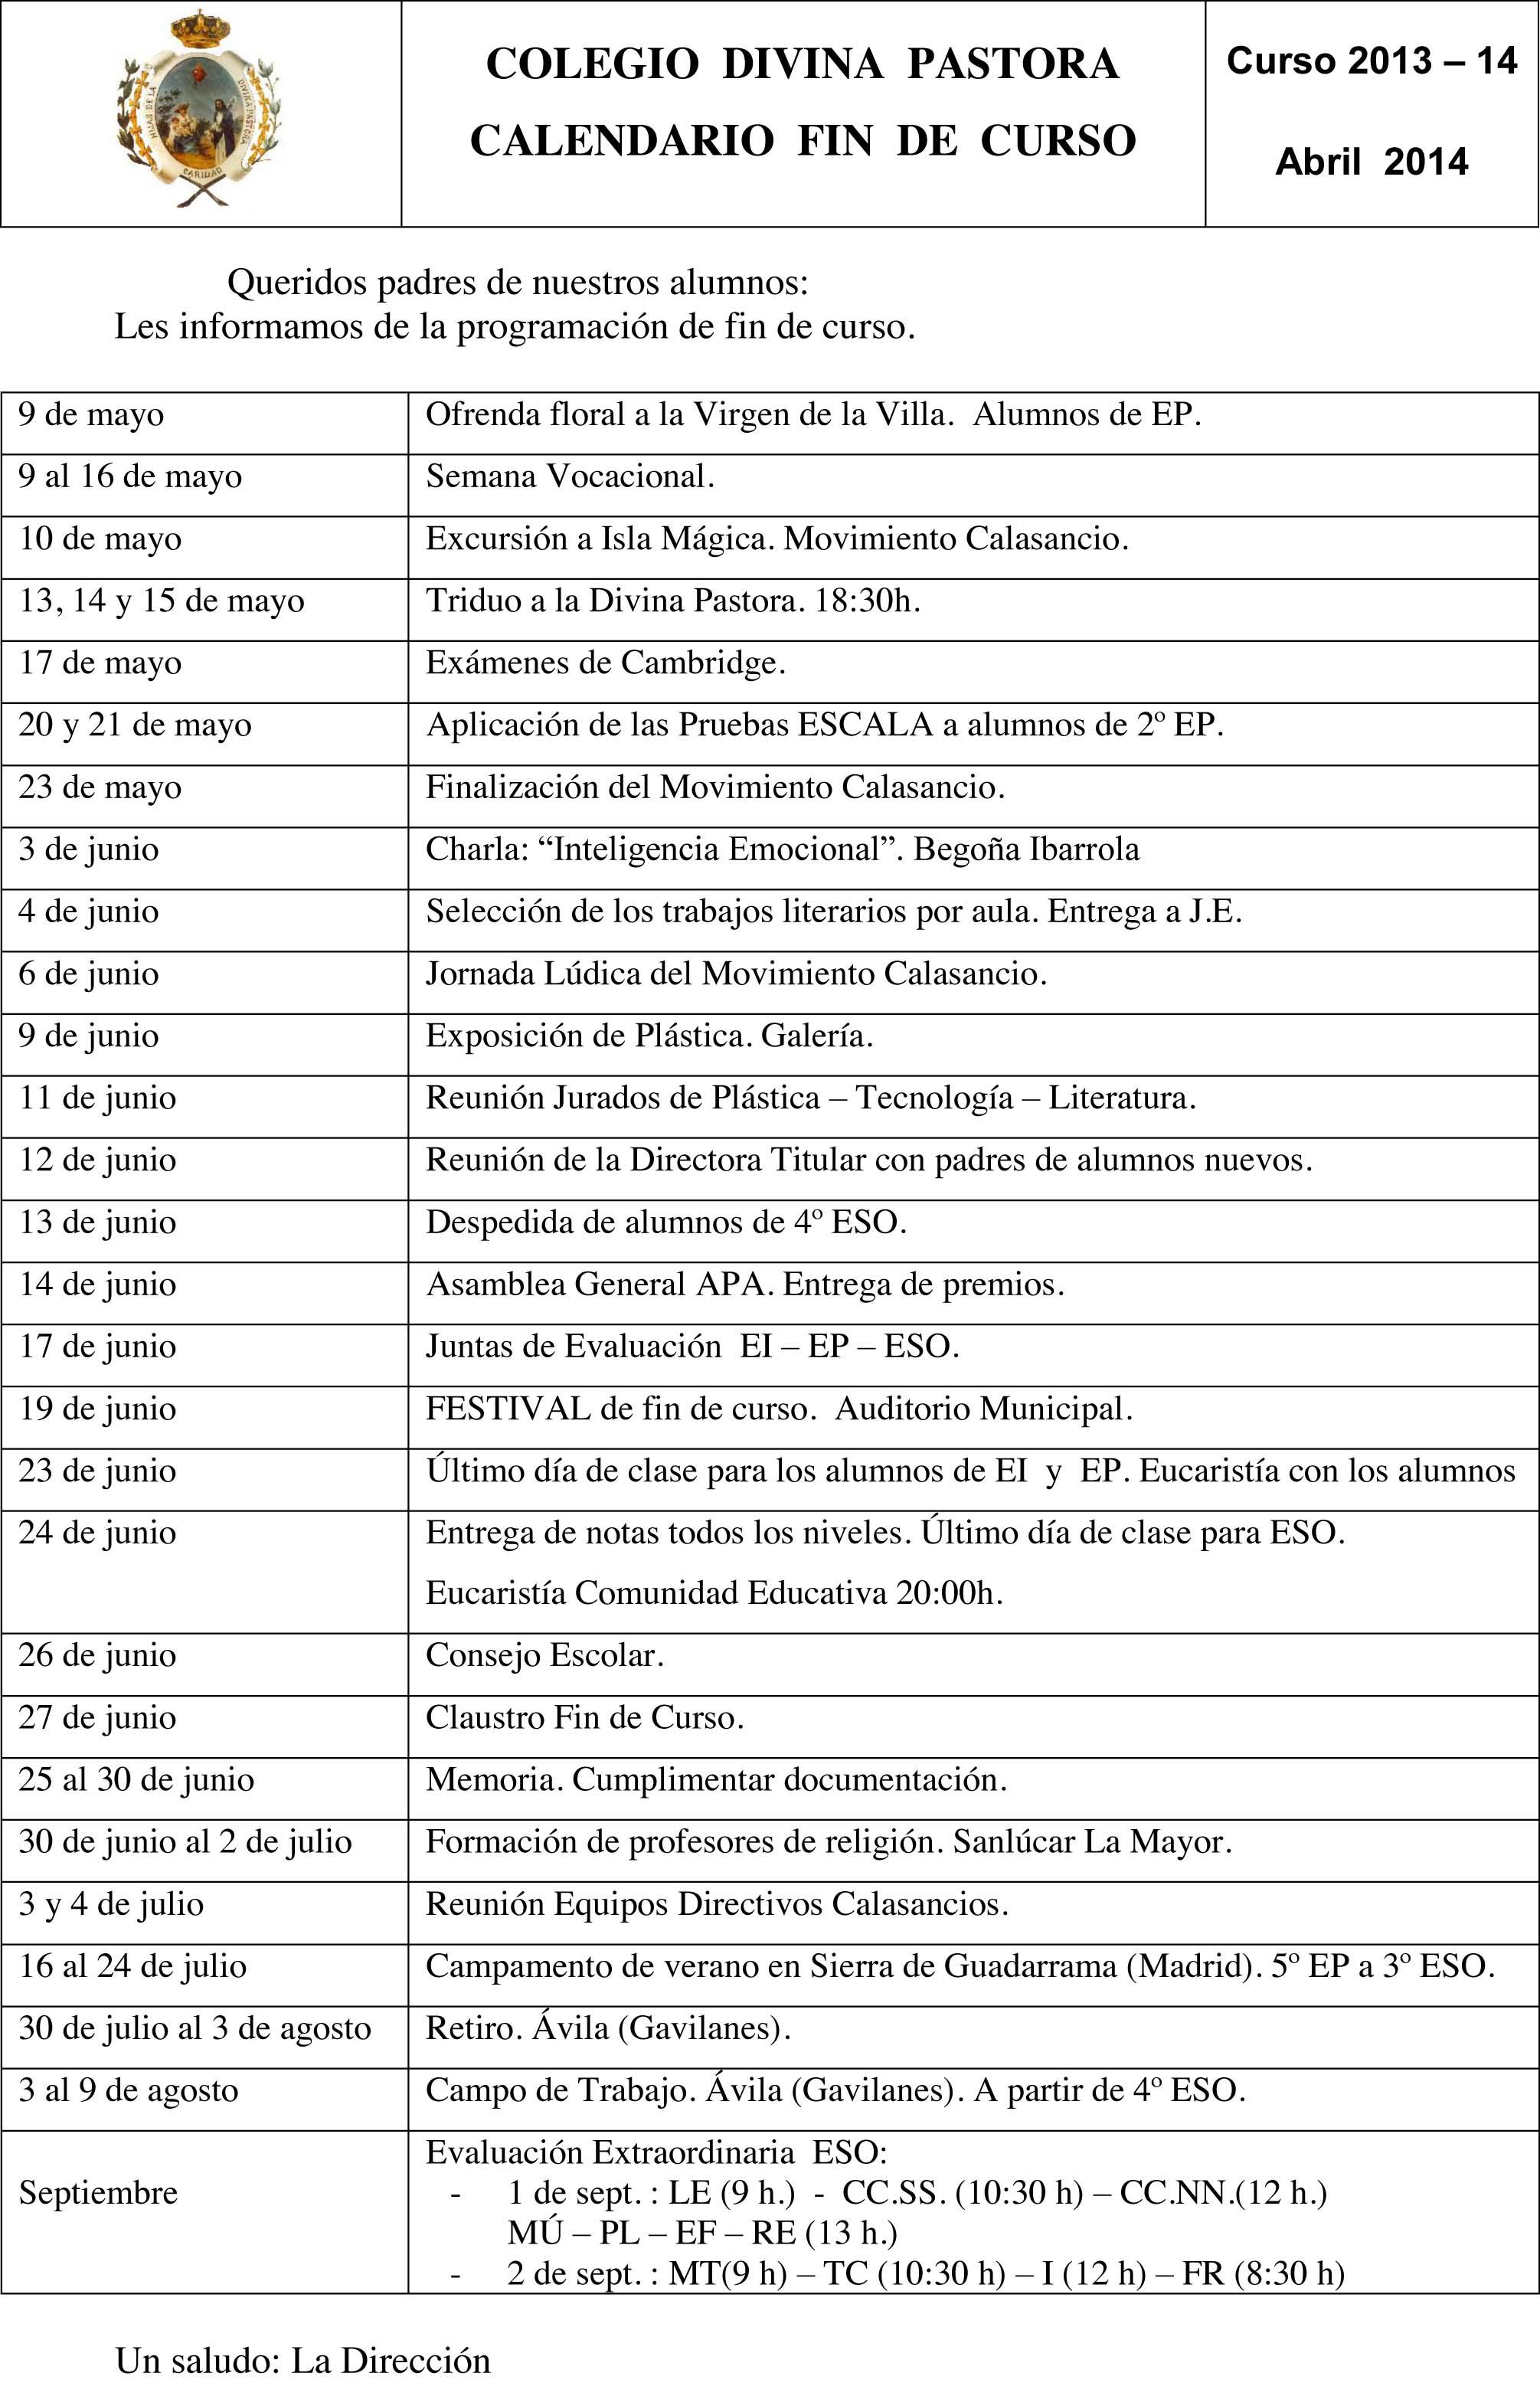 Calendario fin de curso 2014